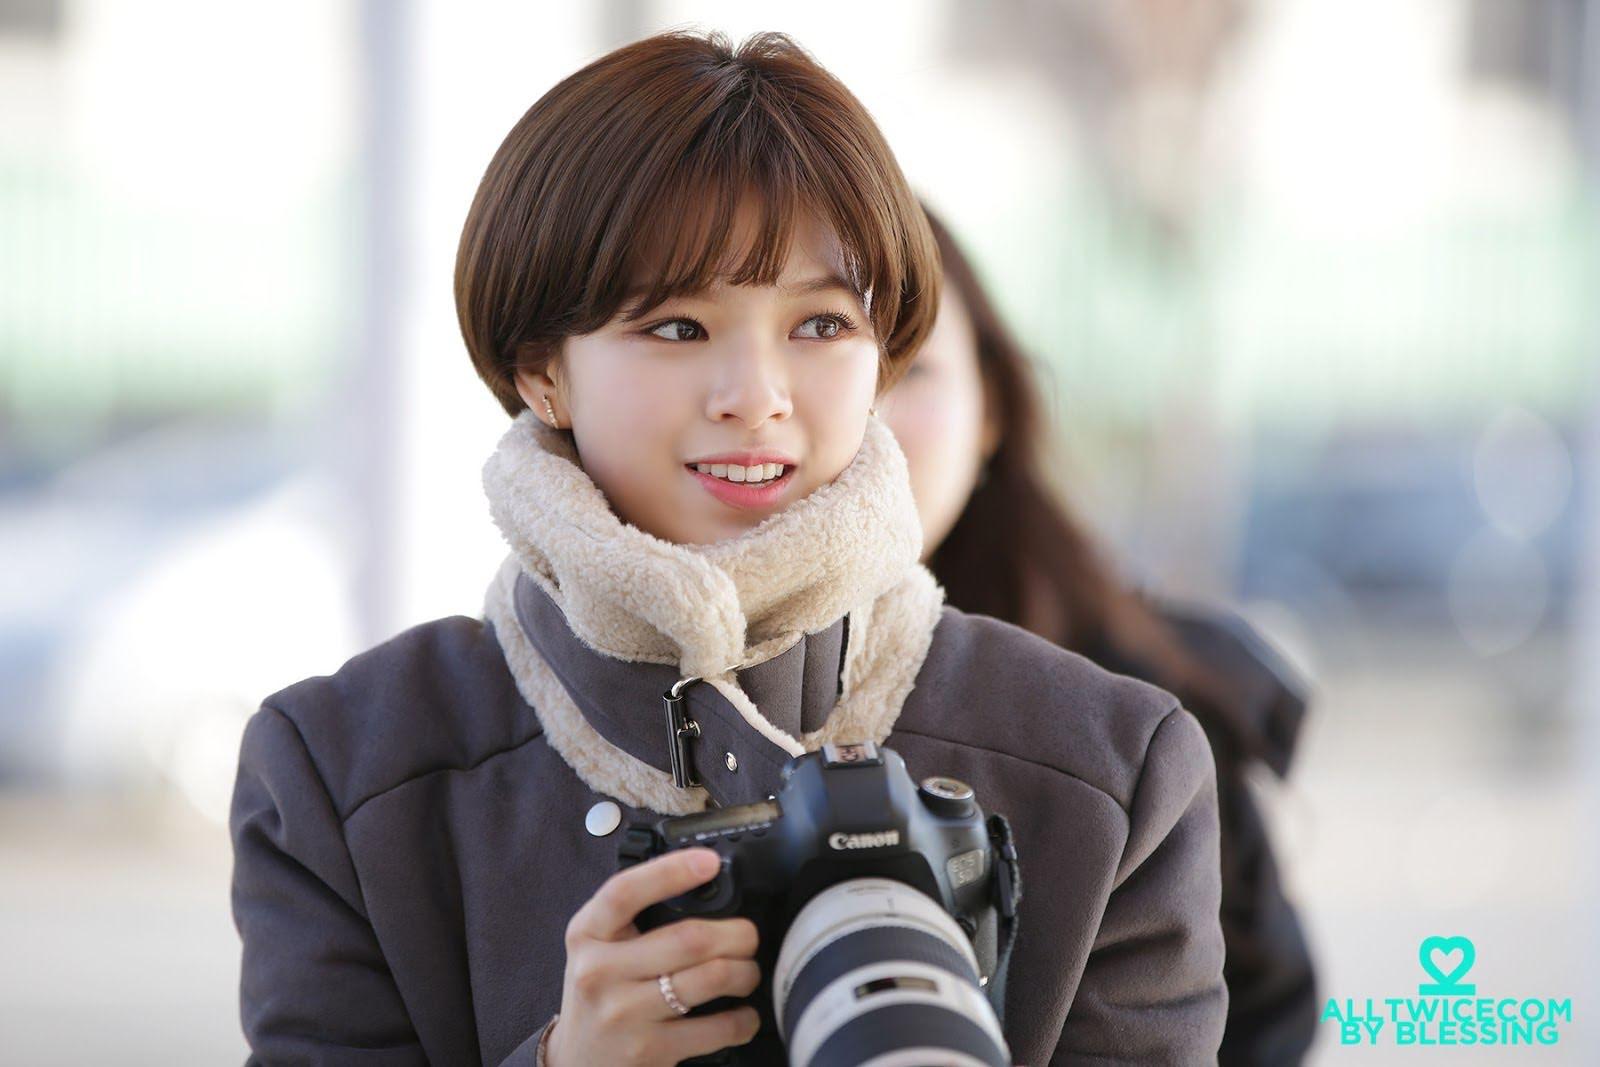 Nam giới Nhật chọn nữ idol đẹp nhất Kpop: TWICE, Black Pink đều có mặt nhưng không bì được nữ thần nhan sắc này - Ảnh 11.